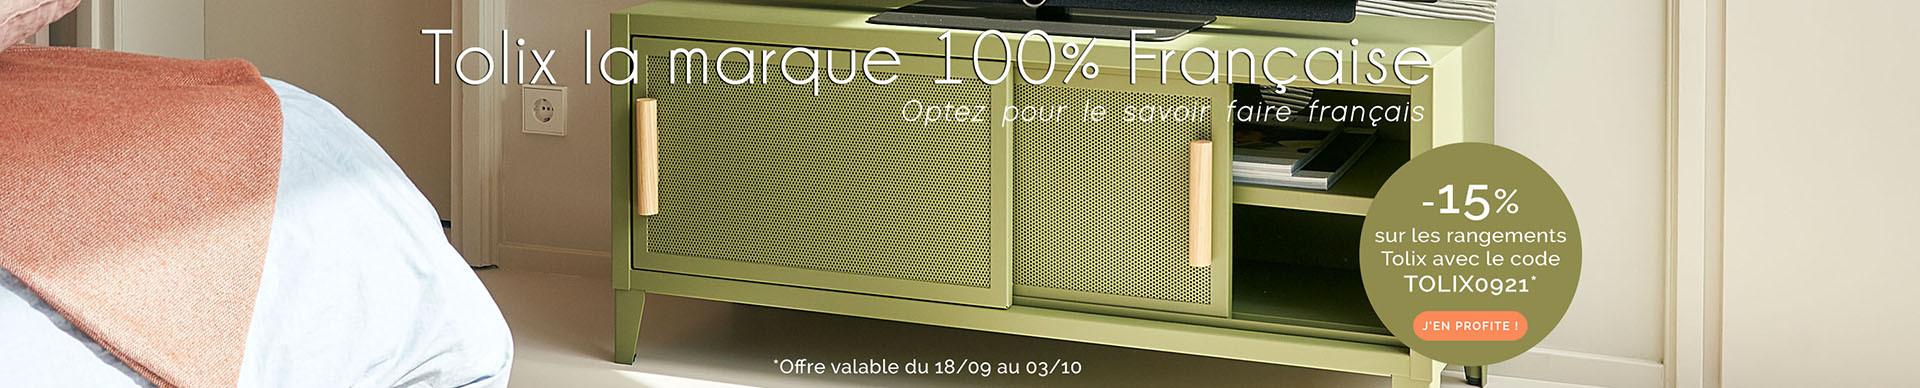 Profitez de -15% sur les meubles de rangement Tolix !